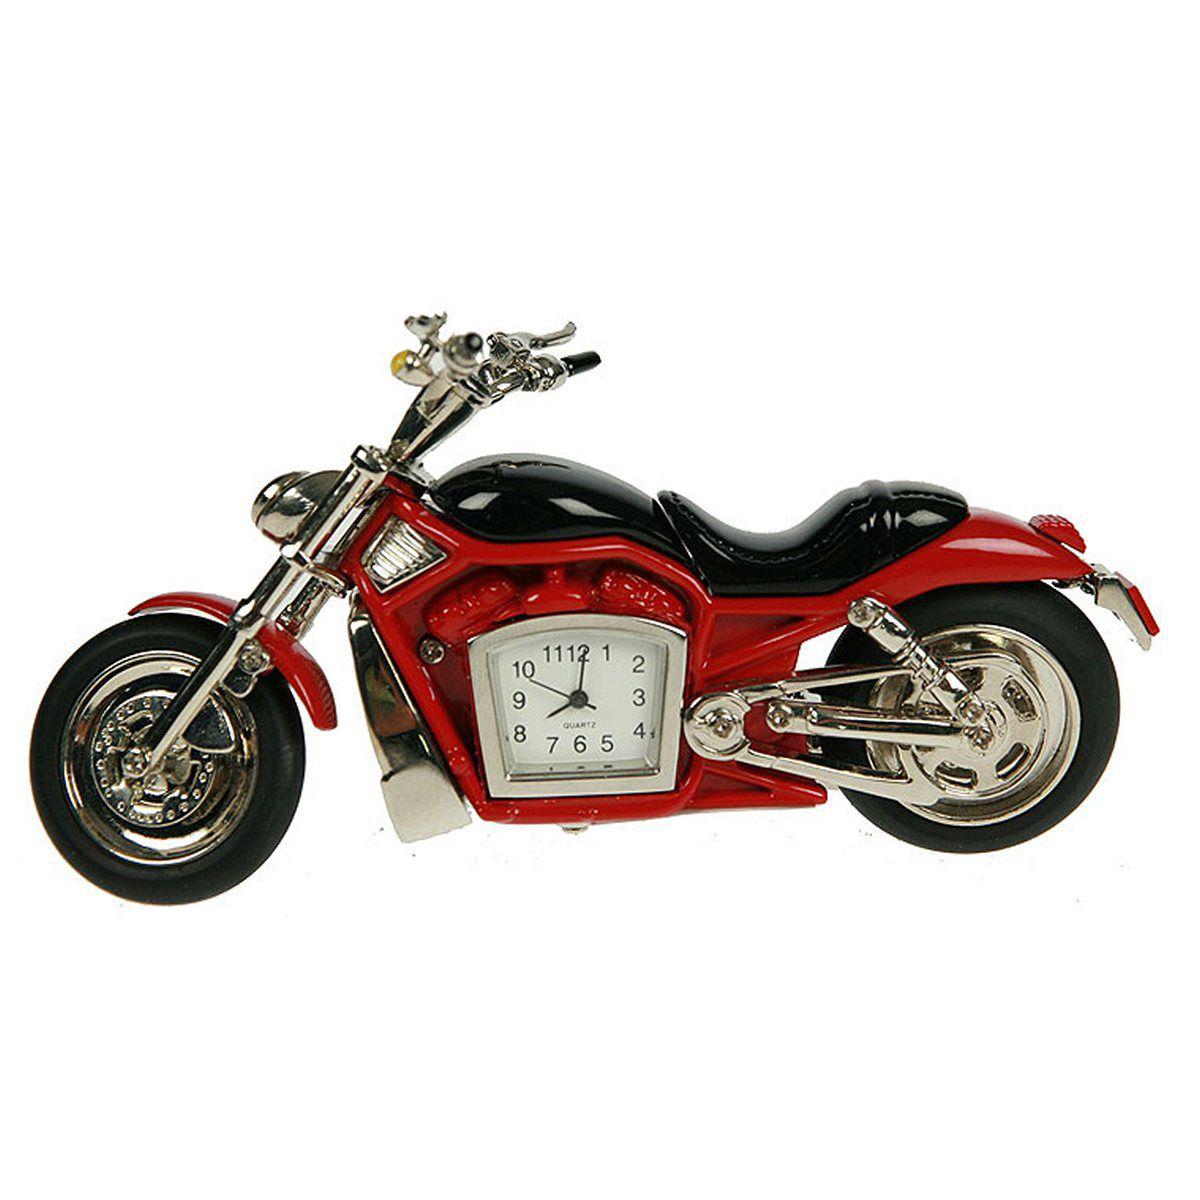 Часы настольные Русские Подарки Мотоцикл, 1 х 12 х 6 см. 2242322423Настольные часы Русские подарки Мотоцикл - очень оригинальные и стильные настольные часы. Корпус выполнен из металла. Они прекрасно впишутся практически в любой интерьер и станут превосходным украшением вашей комнаты. Это красивый и практичный подарок на любое торжество для родных и близких.